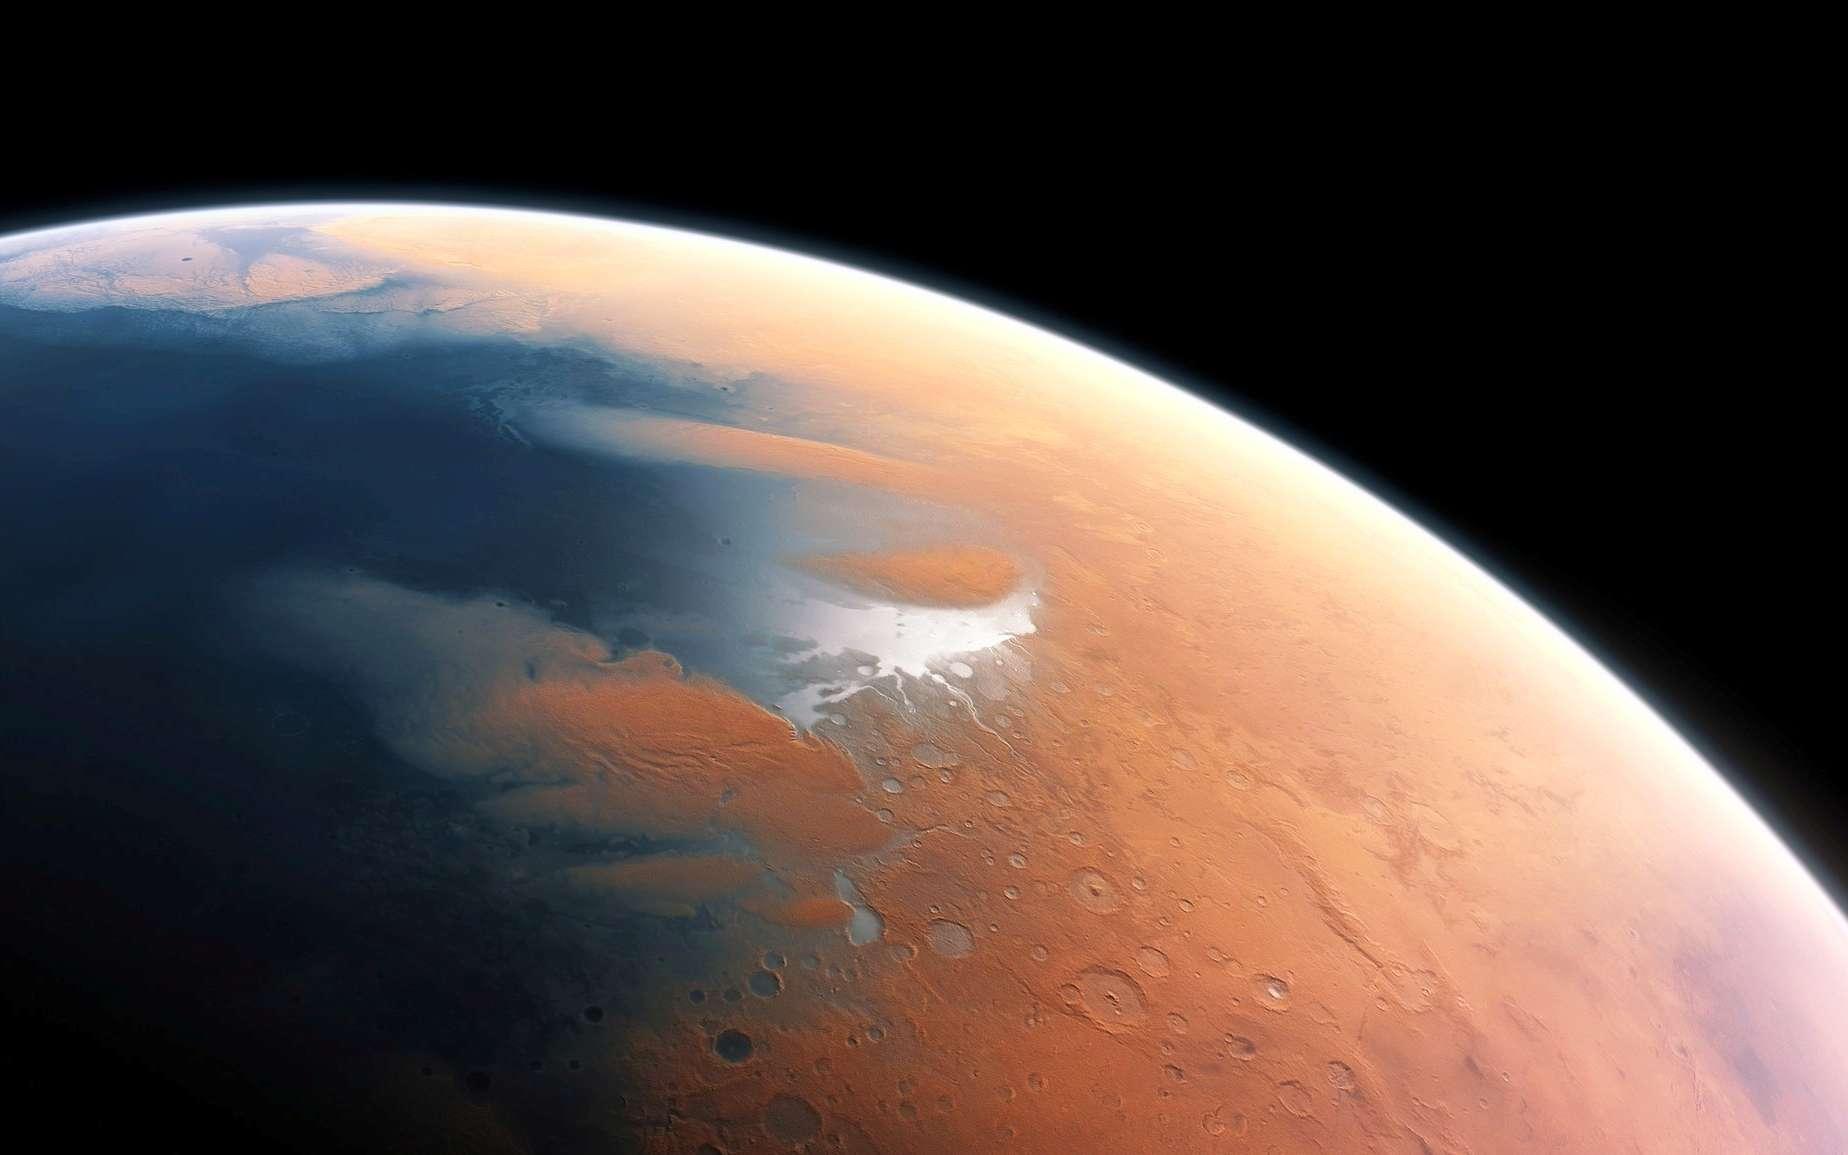 Cette illustration suggère l'environnement humide de Mars voici 4 milliards d'années. La toute jeune planète devait renfermer suffisamment d'eau liquide pour que l'intégralité de sa surface en soit couverte, sur une hauteur d'environ 140 m. Il semble plus probable toutefois que l'eau liquide se soit constituée en un océan occupant près de la moitié de l'hémisphère nord de la planète. En certaines régions, sa profondeur pouvait dépasser 1,6 km. © ESO, M. Kornmesser